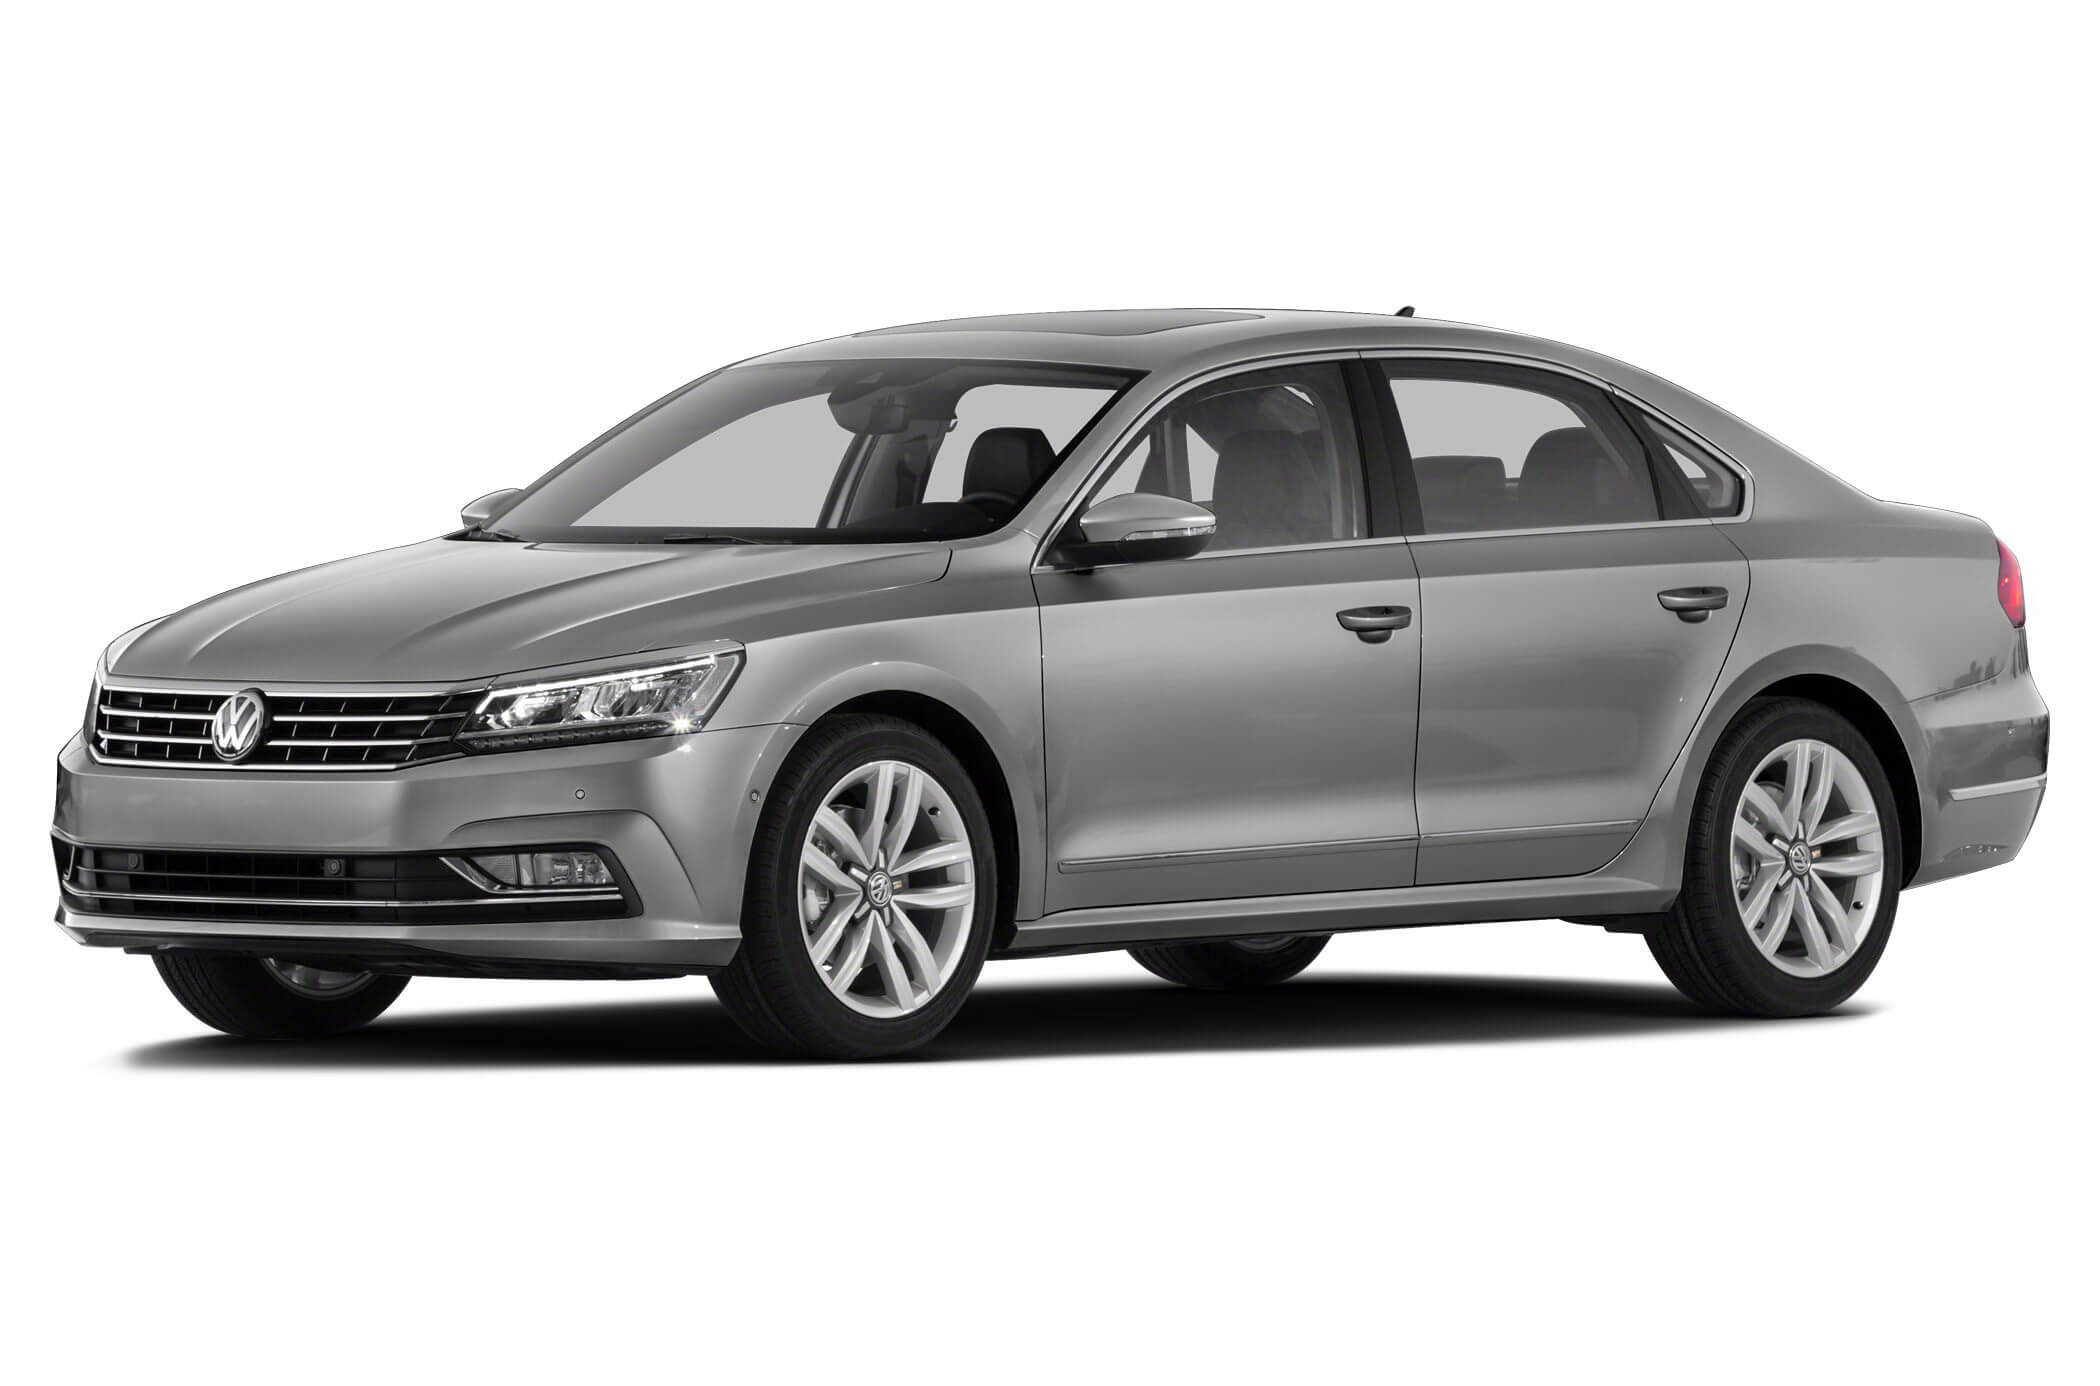 Volkswagen Passat Nuoma Kaune